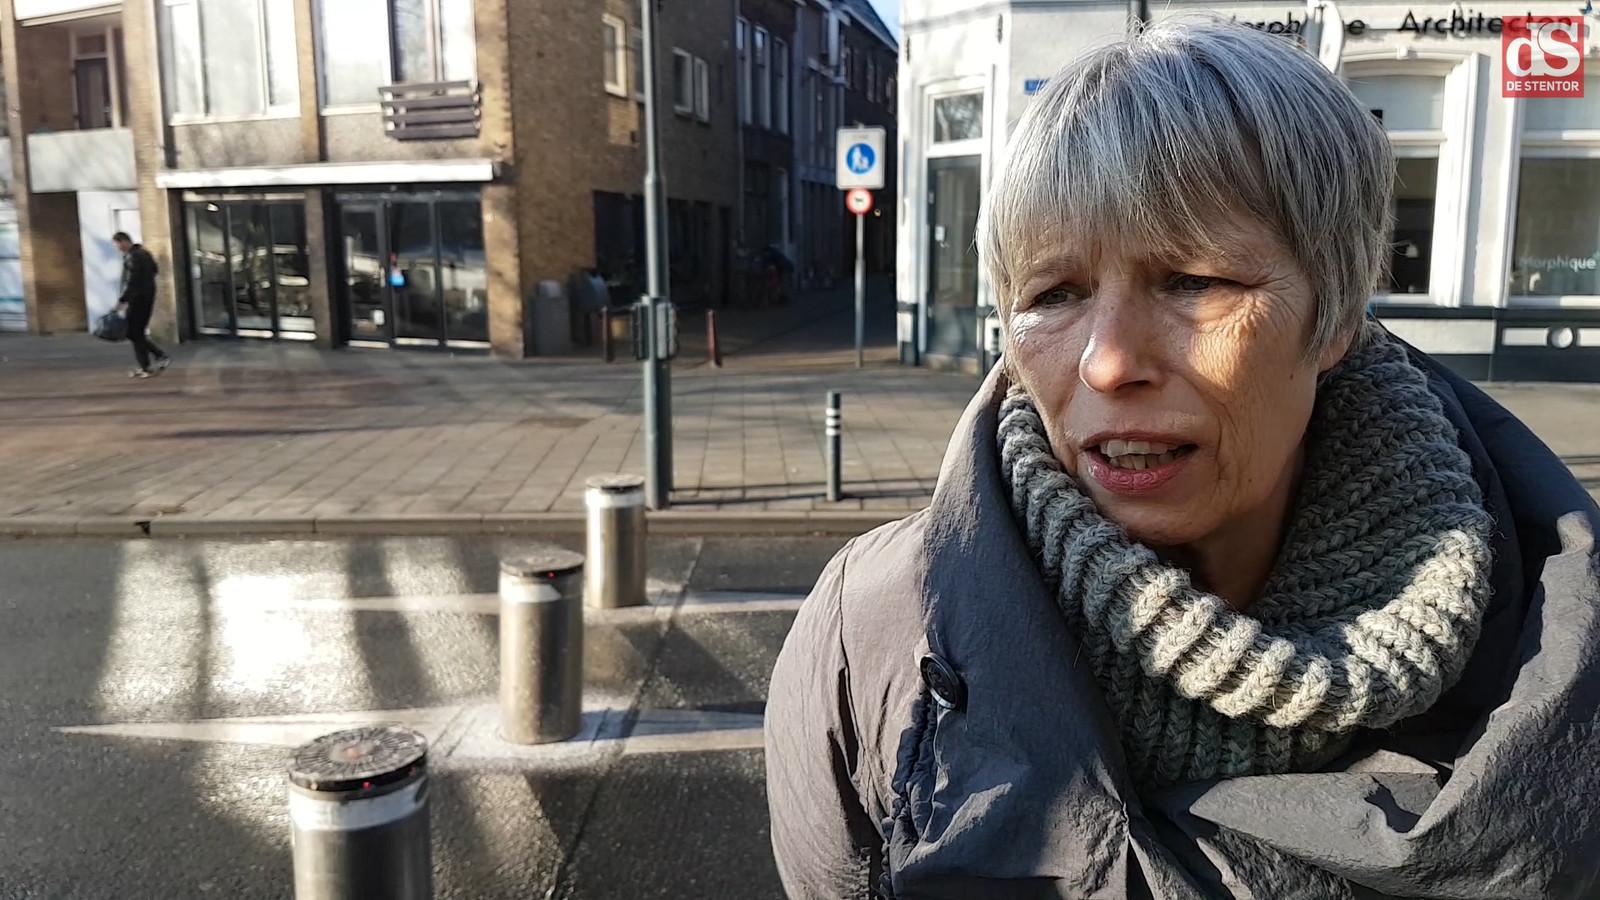 Angelique Geijer strijd tegen Pollers.